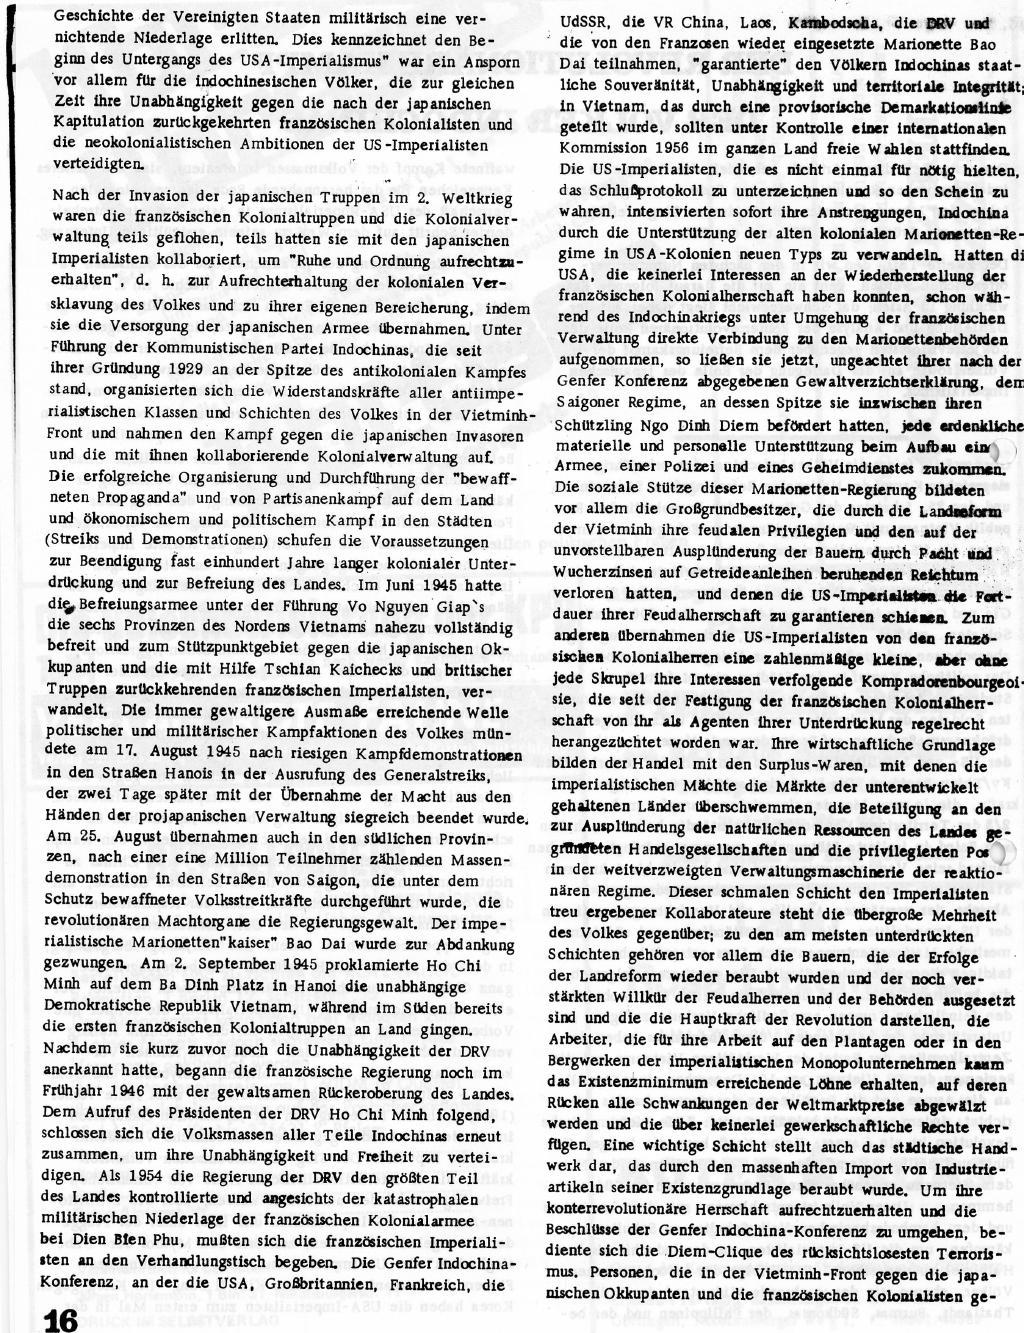 RPK_1971_096_097_16